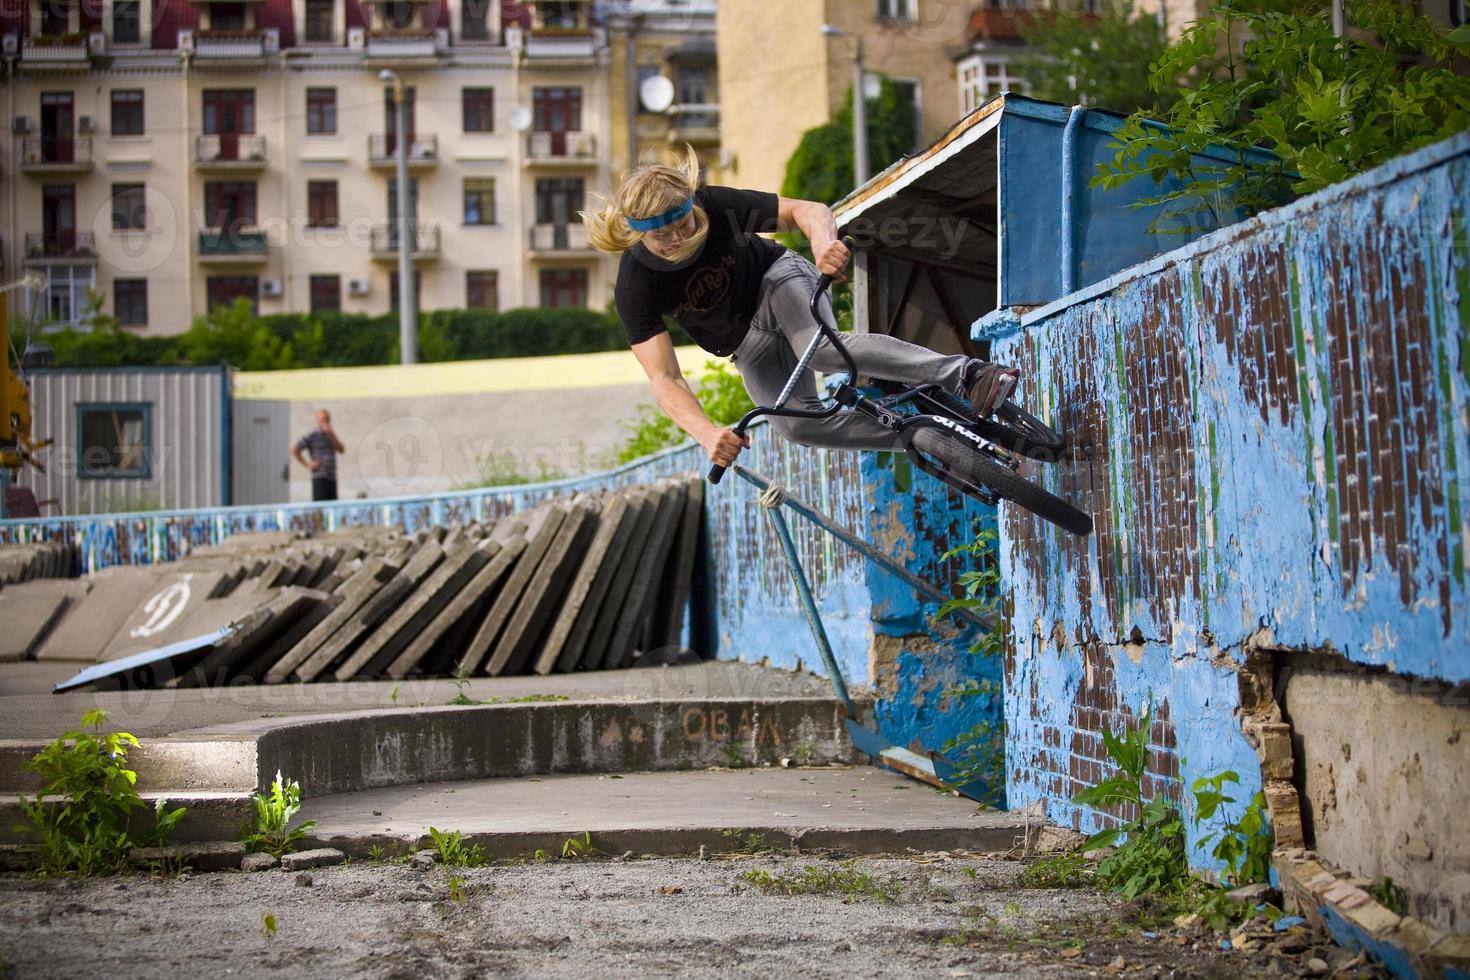 wall-ride op een fiets foto